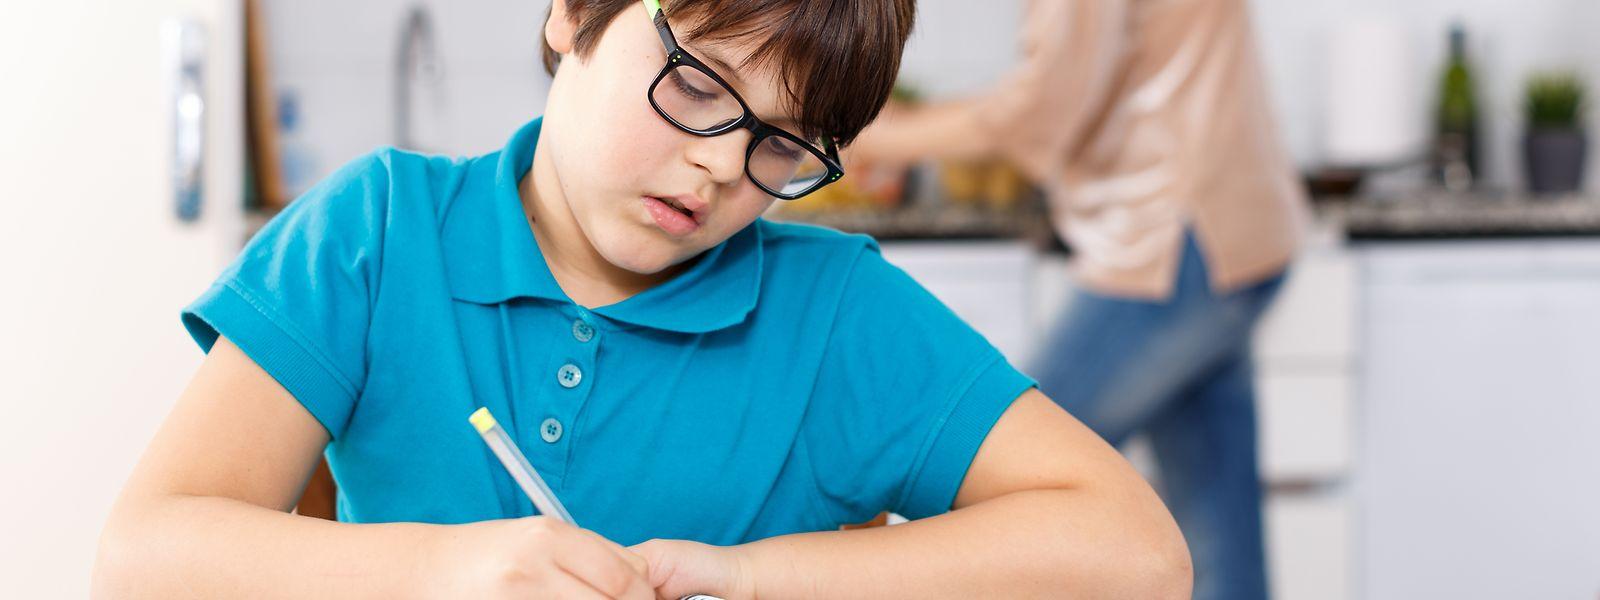 Pour le syndicat enseignants, l'enseignement à distance pourrait redevenir d'actualité à partir de la 4e.